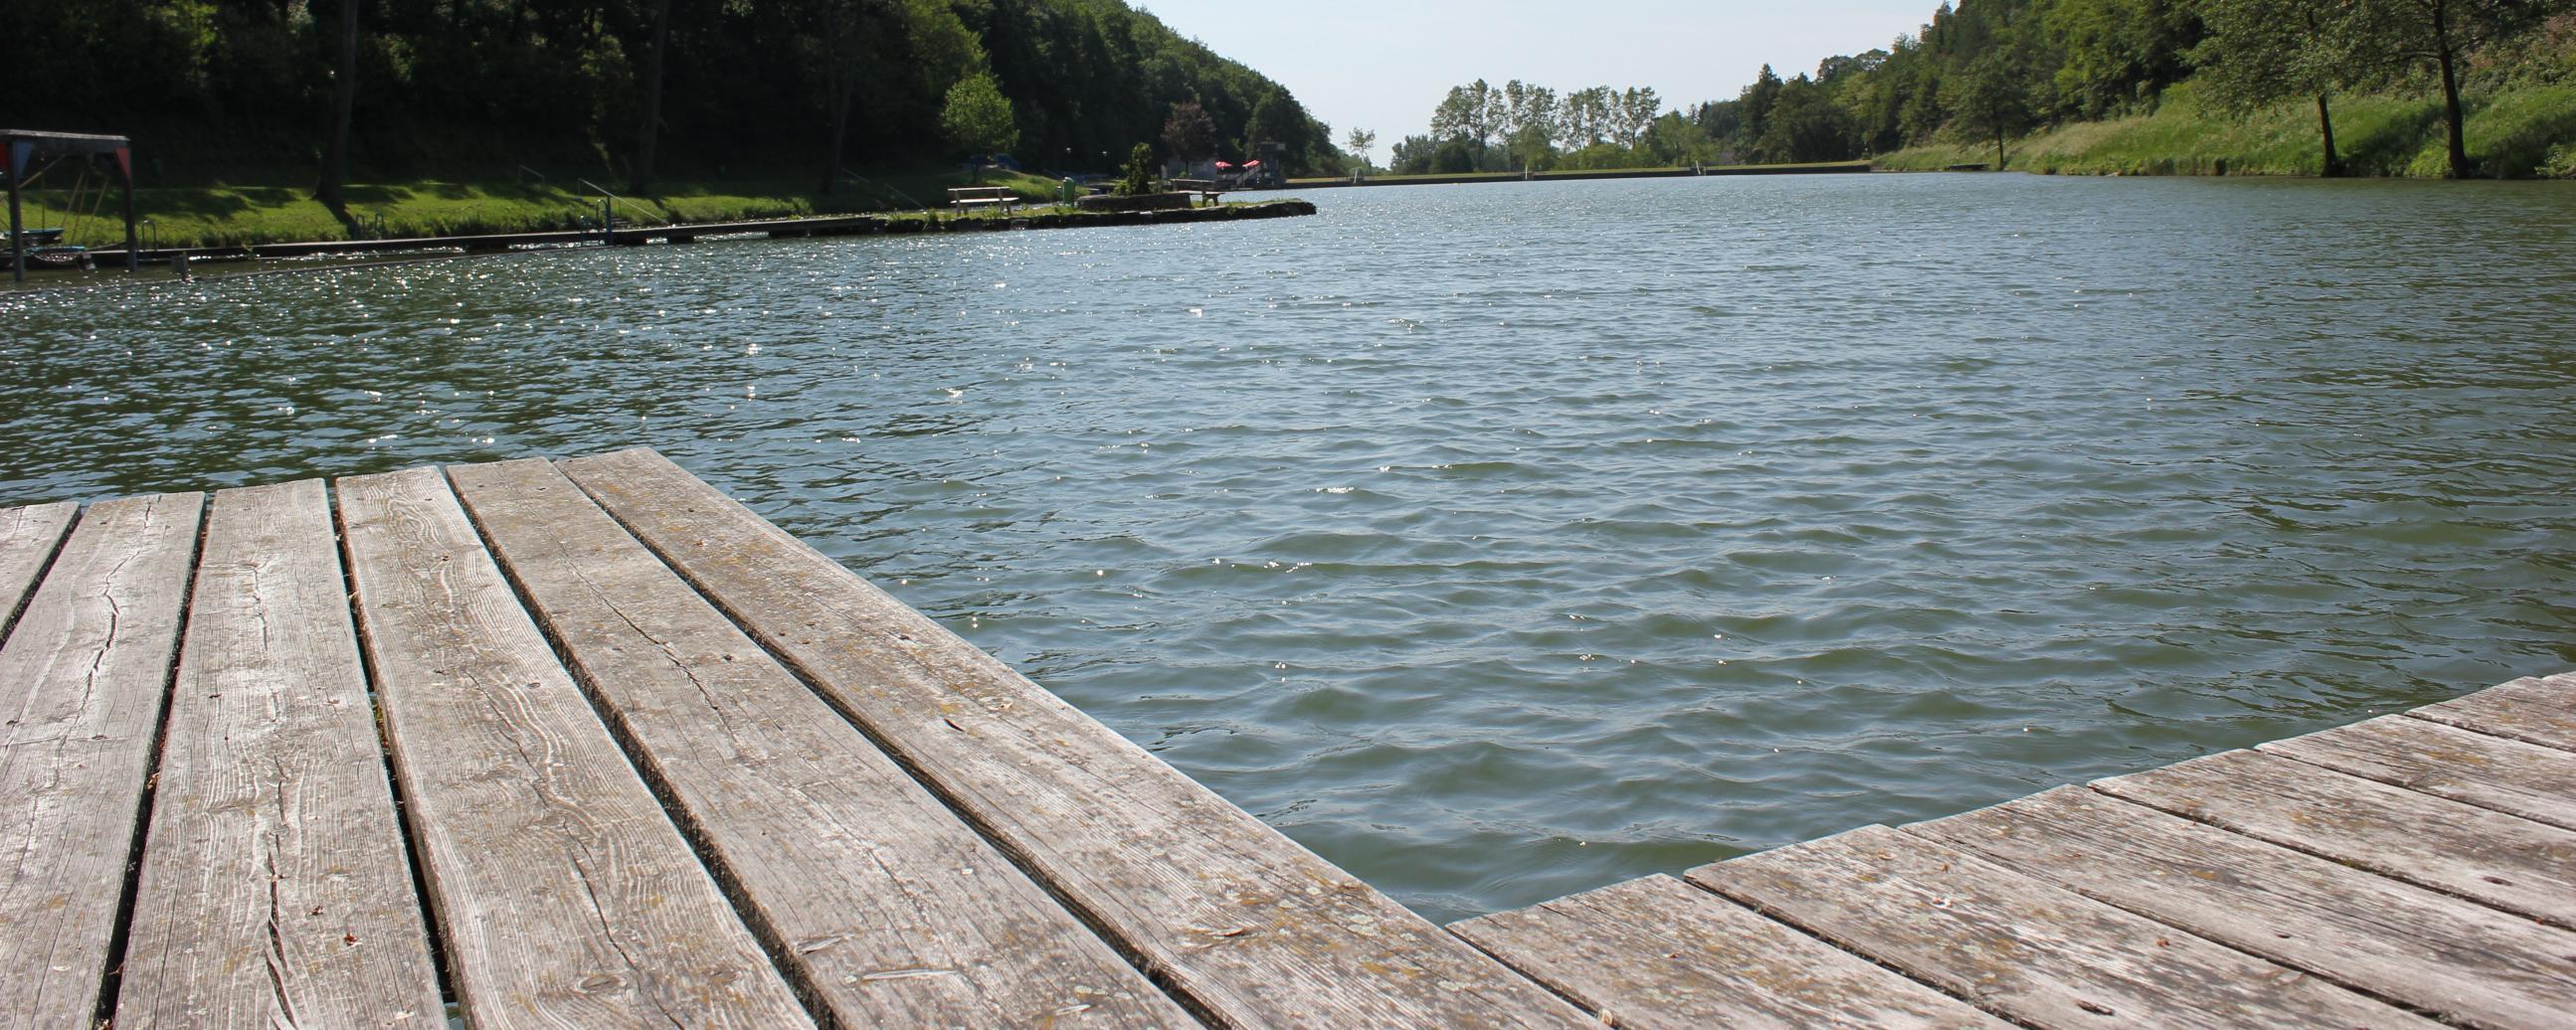 Steganlage direkt am Wasser, Rechnitz, Südburgenland